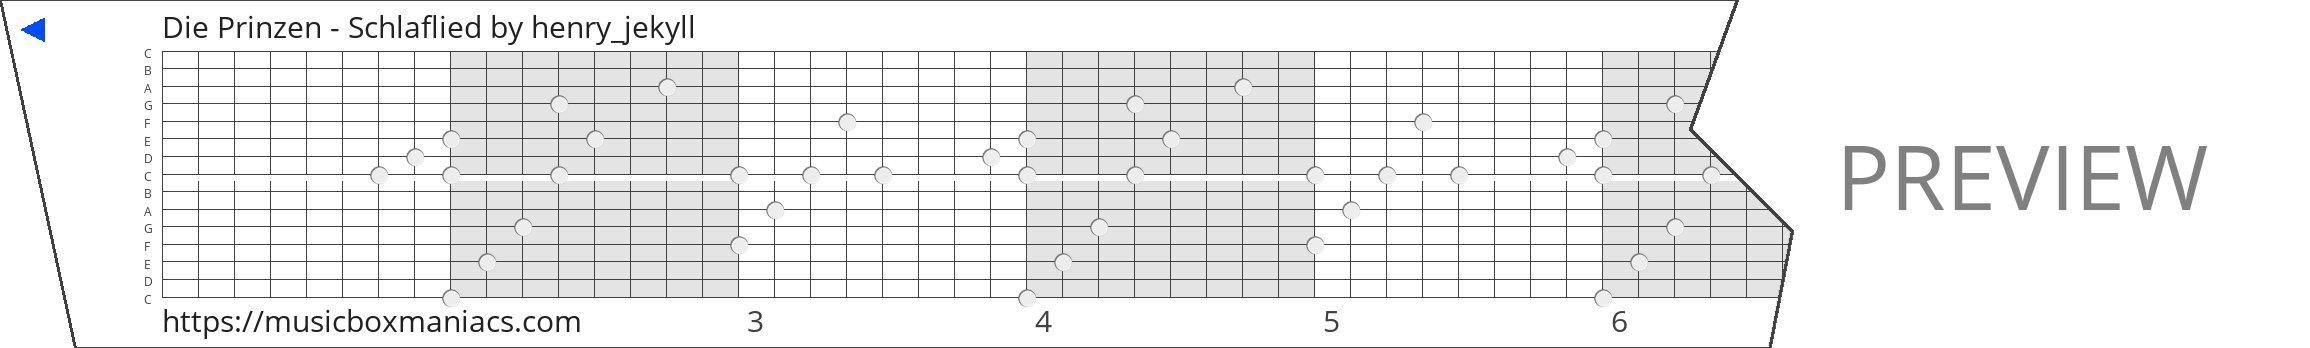 Die Prinzen - Schlaflied 15 note music box paper strip